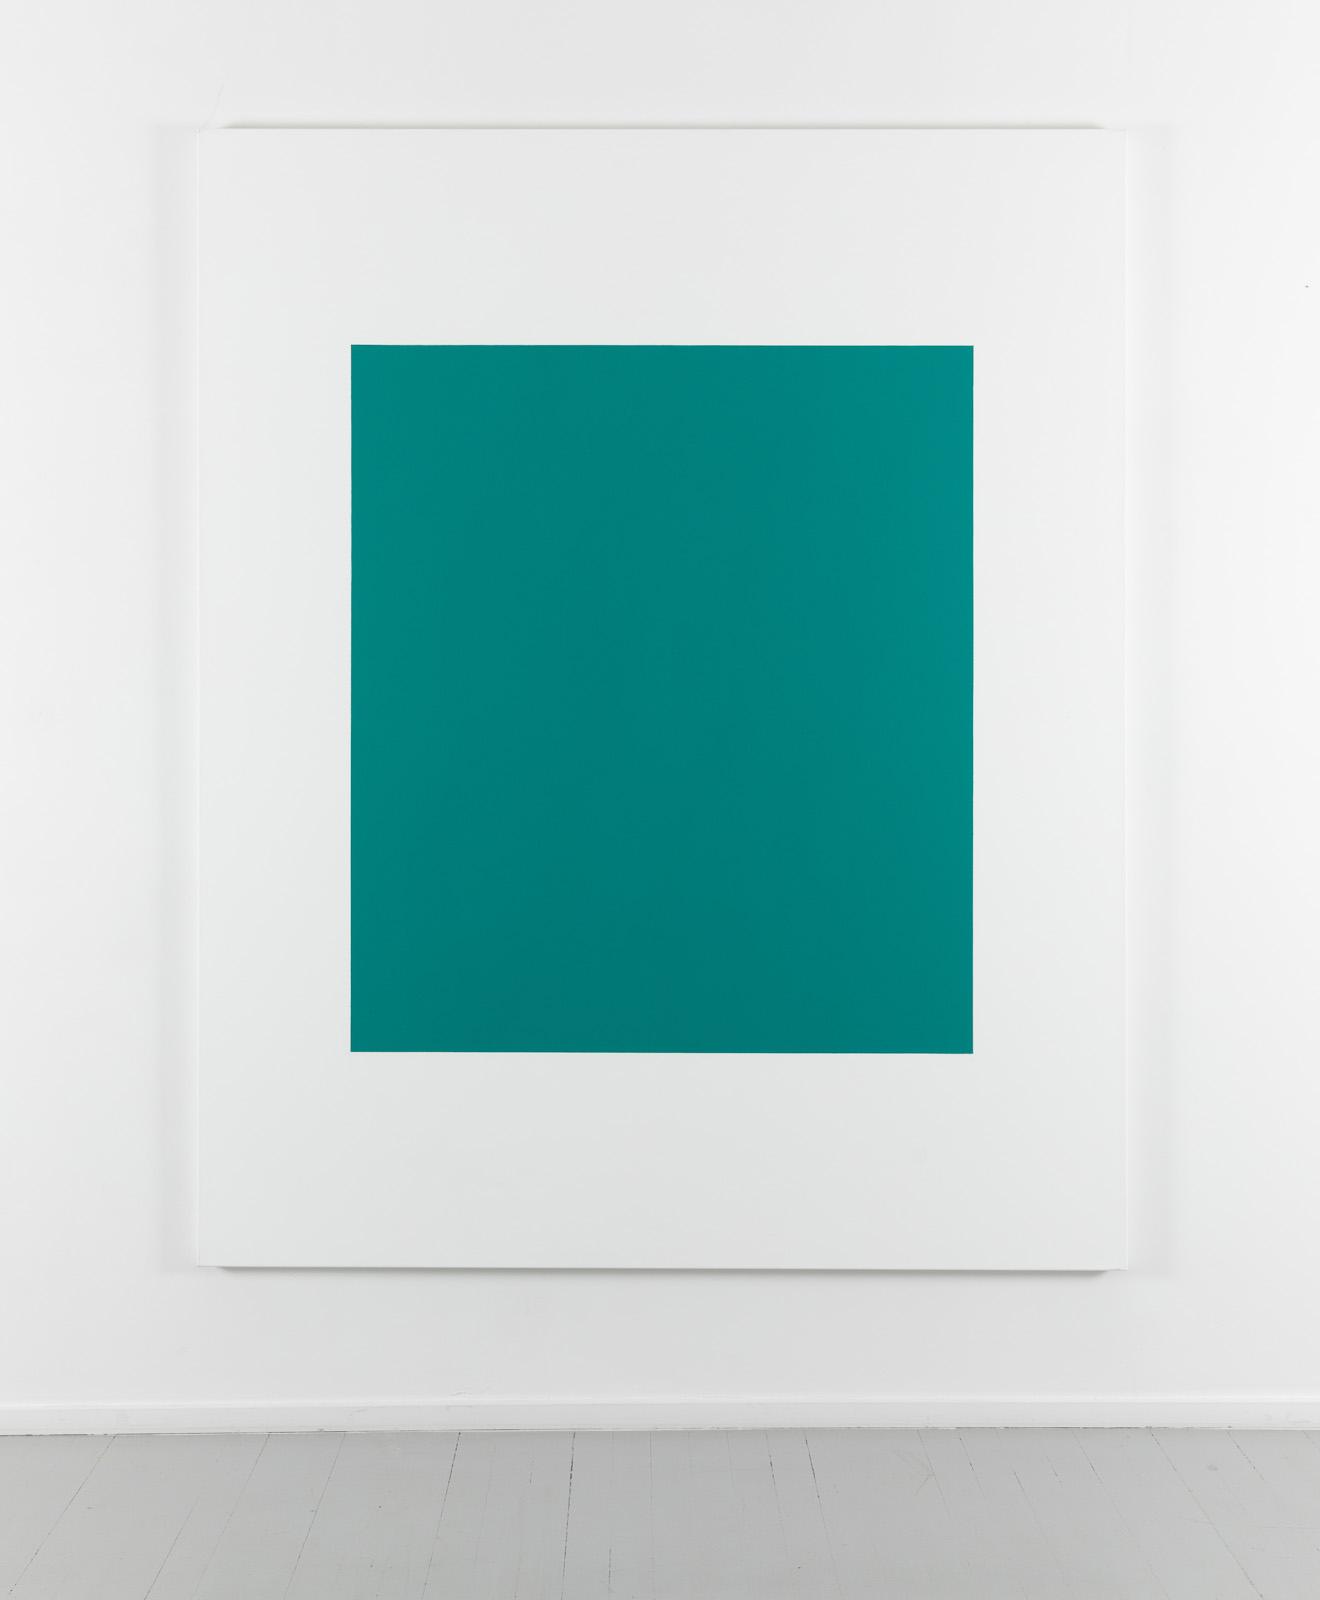 Untitled - kobolt grønn turkis, 2003, Acrylic and oil on canvas, 200 x 163 cm